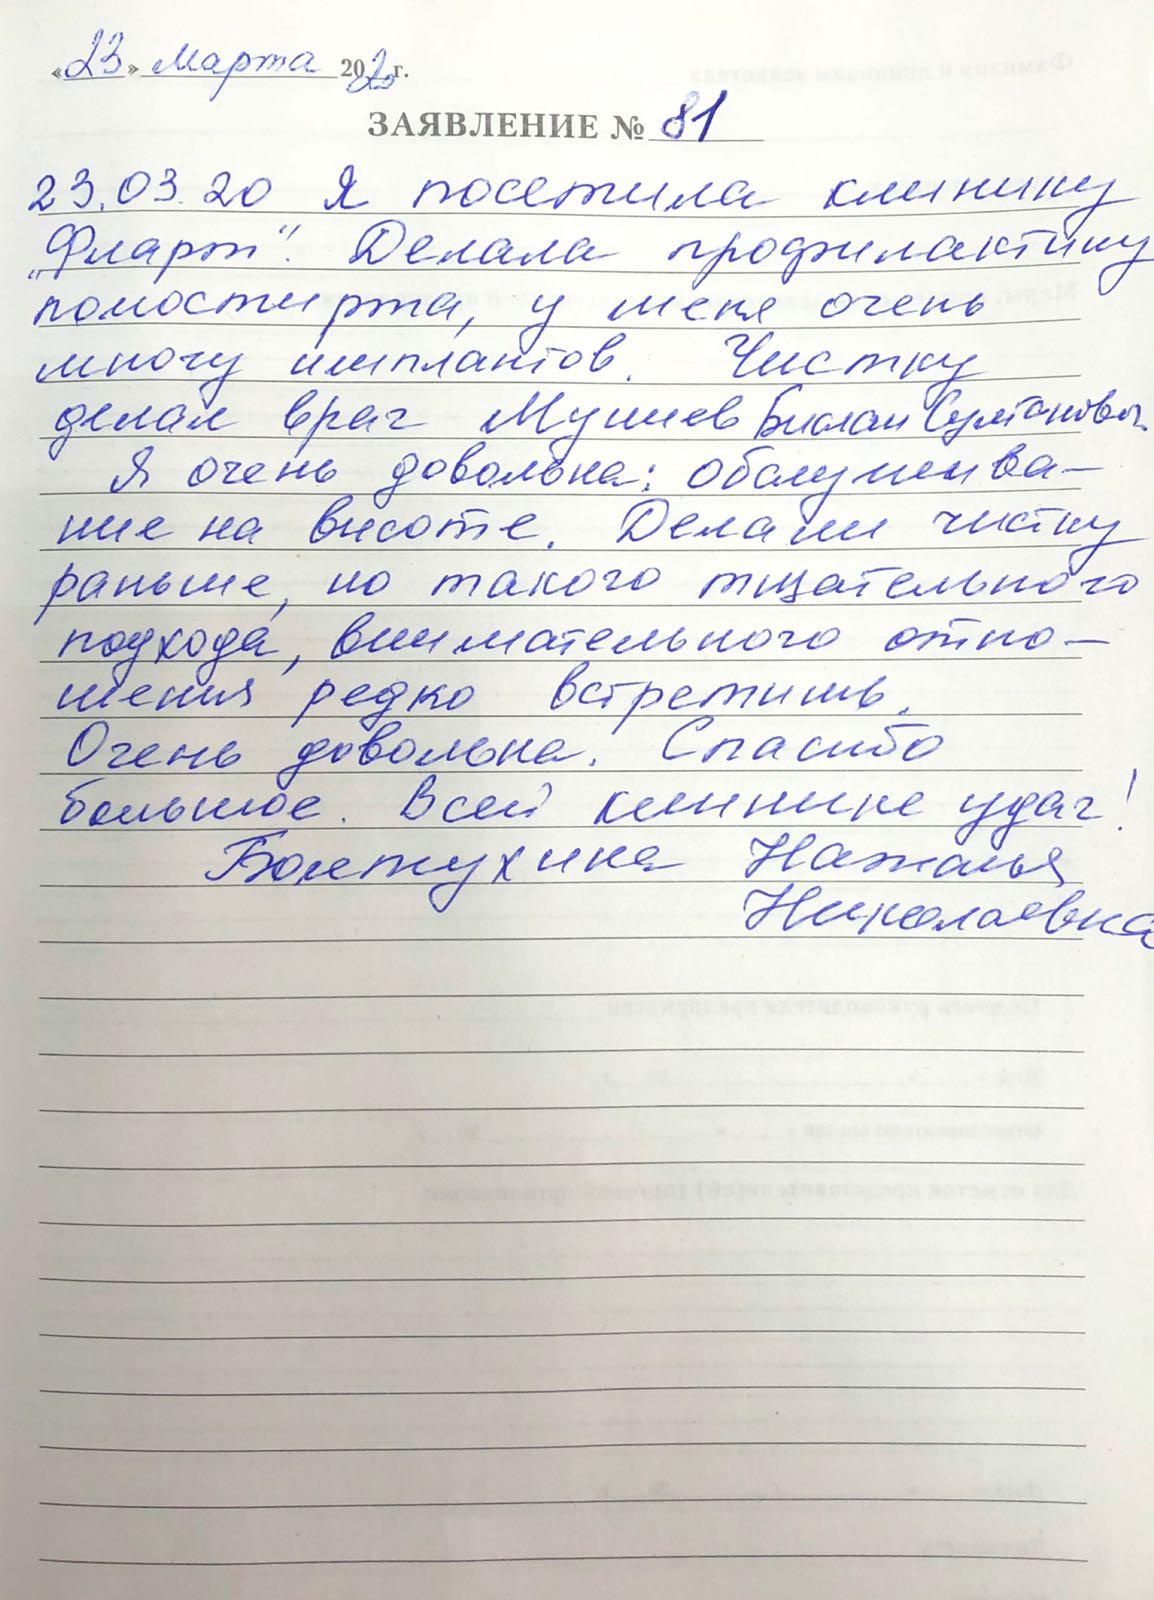 <em>Редактировать Отзыв</em> Наталья Николаевна. Стоматология Фларт